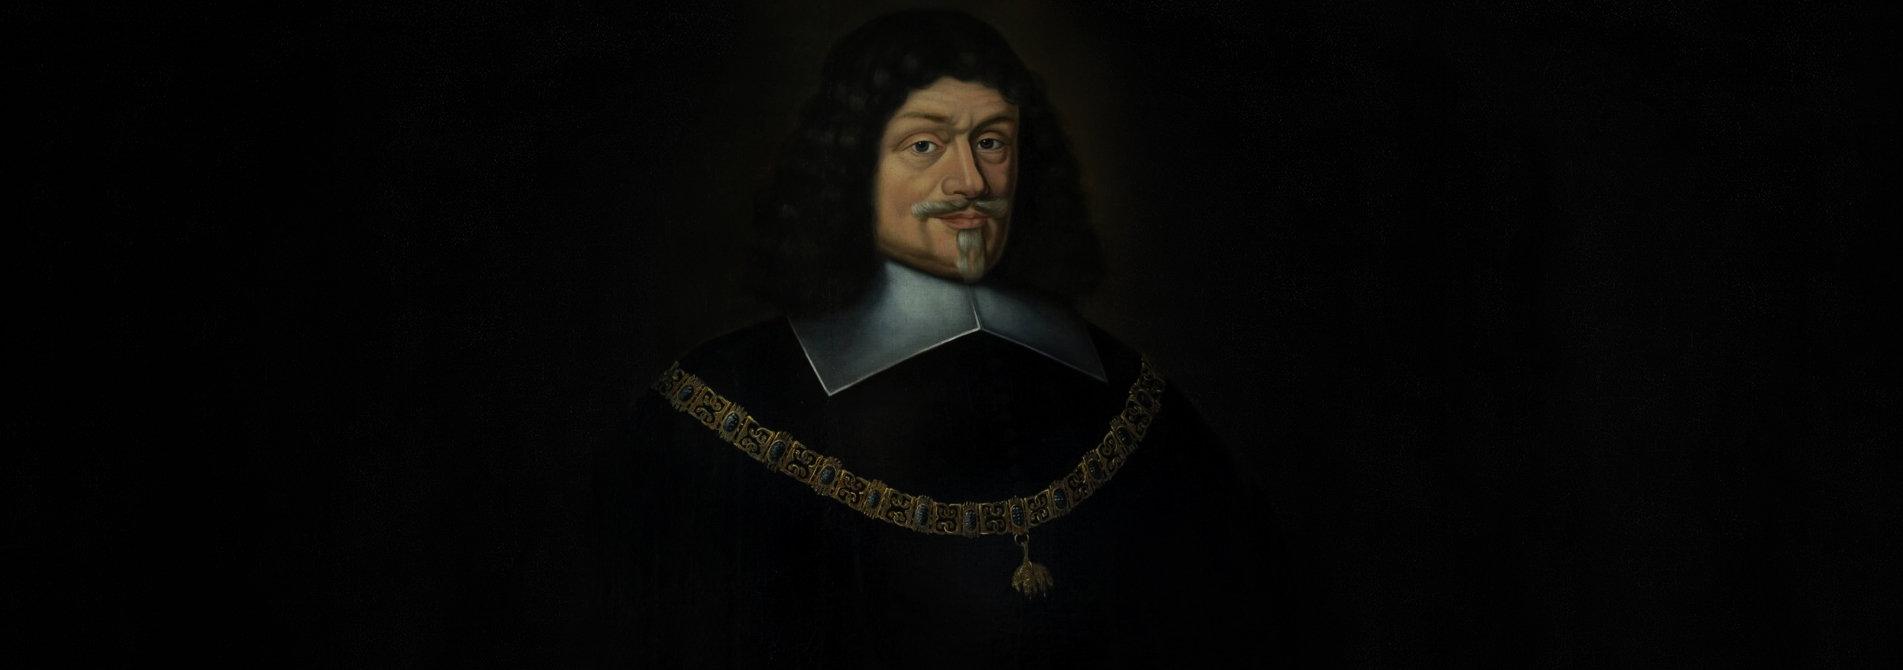 Maxmilián Trauttmansdorff